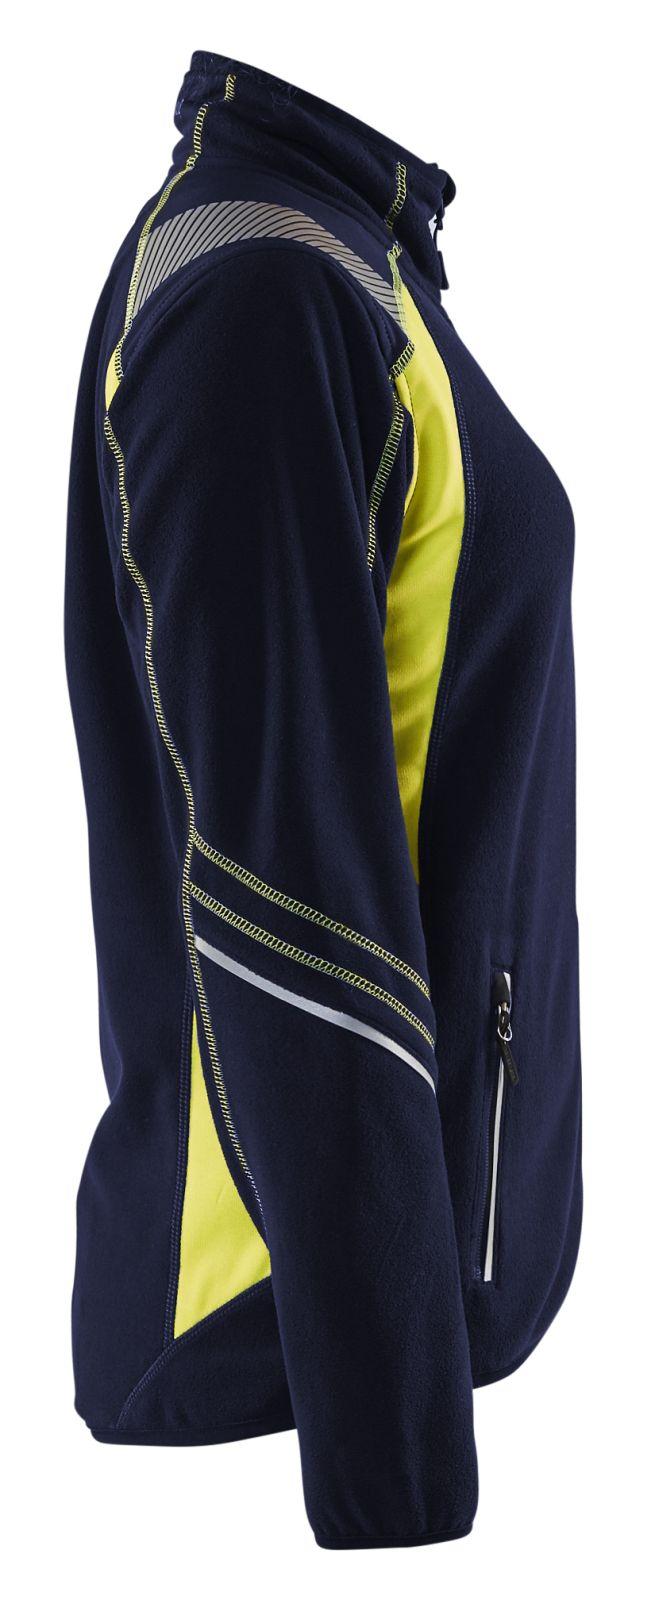 Blaklader Dames fleece vesten 49731010 Reflectieband marineblauw-fluo geel(8933)